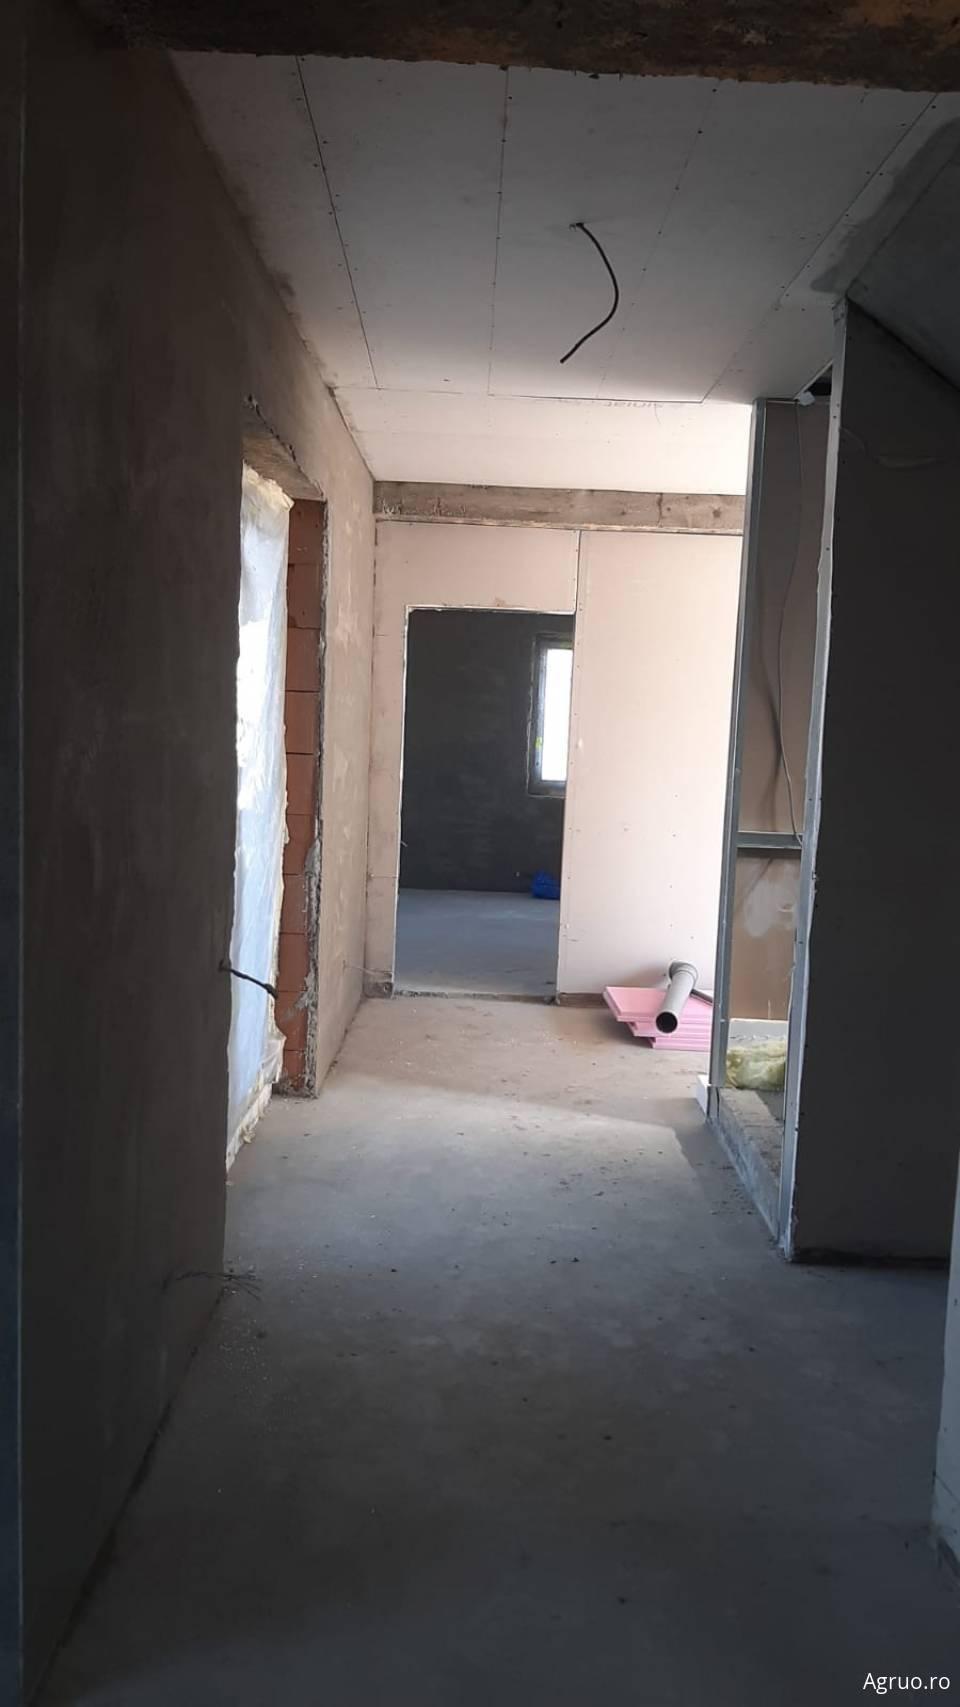 Demolat ziduri, fundatii, placi beton51709